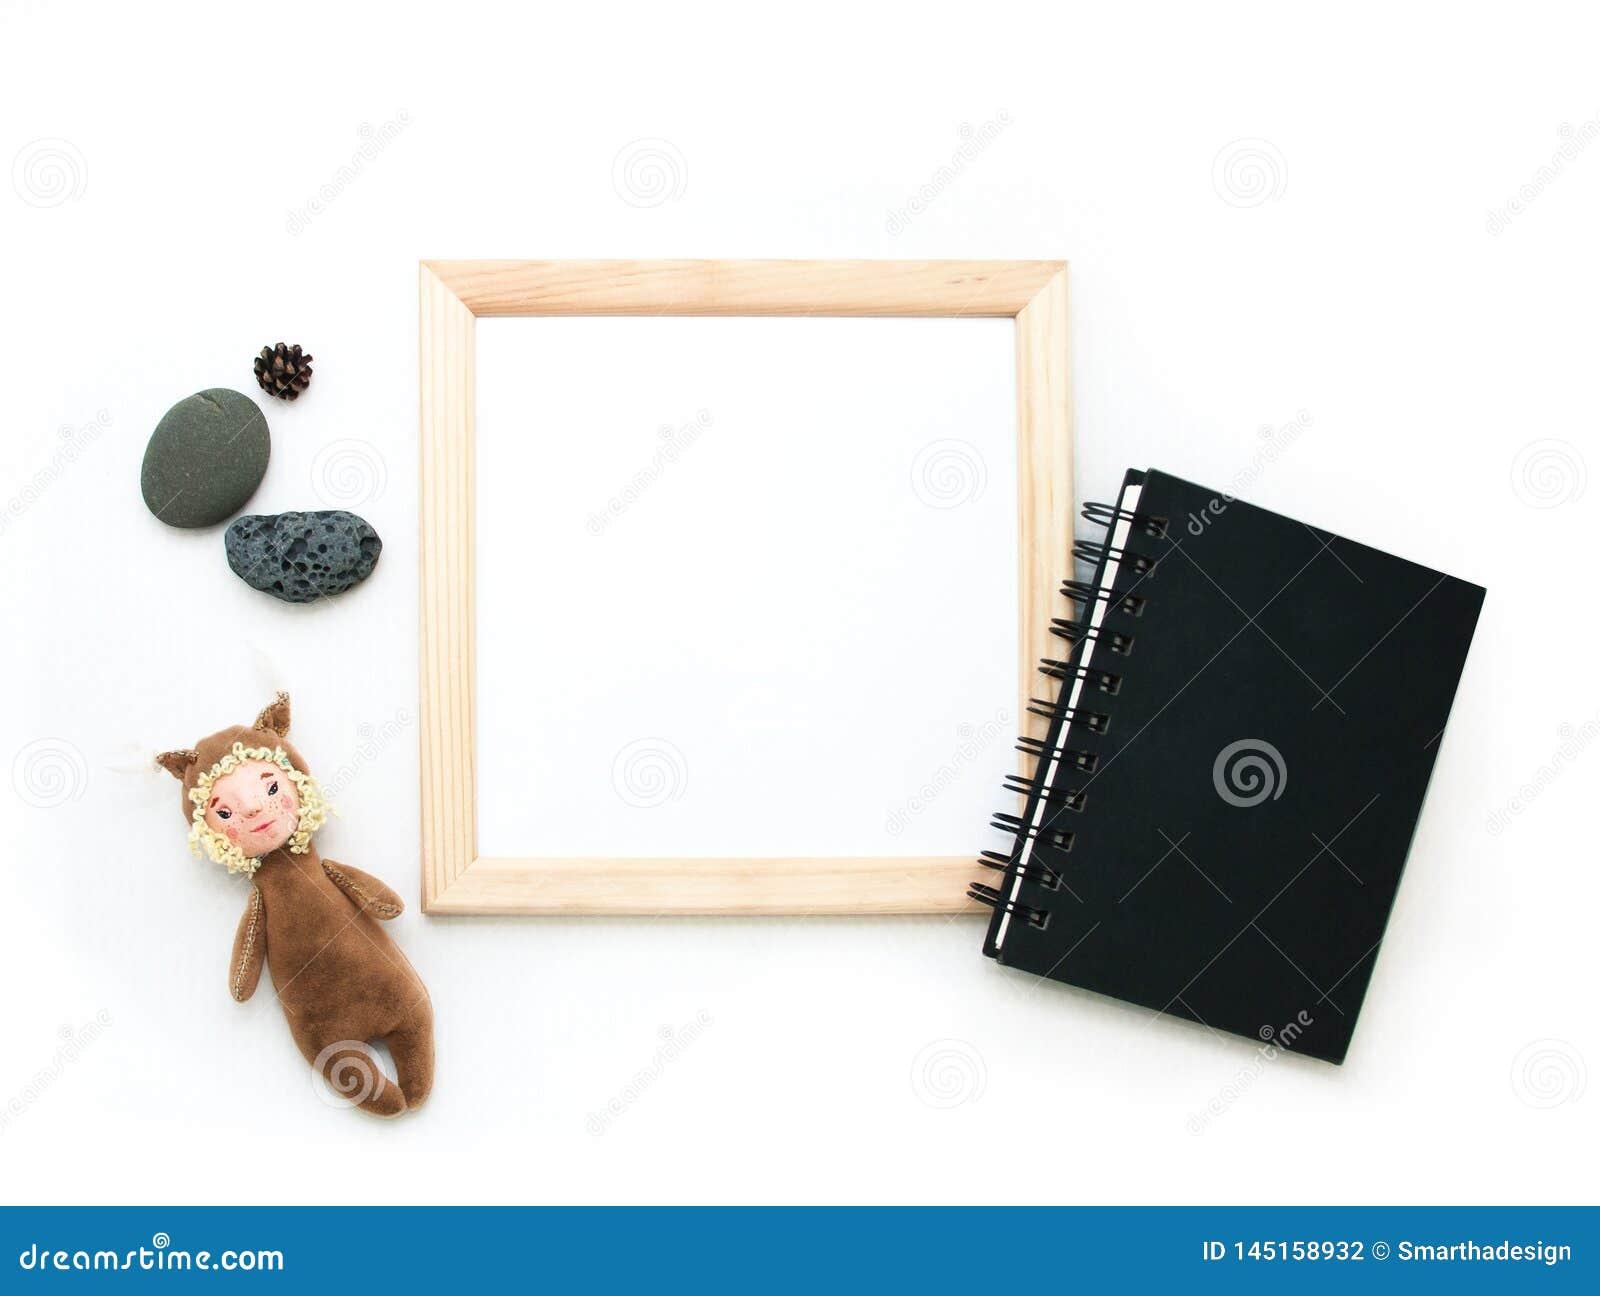 Flacher gelegter Spott oben, Draufsicht, Holzrahmen, Spielzeugeichhörnchen, Steine, schwarzer Notizblock Innenplan, quadratische